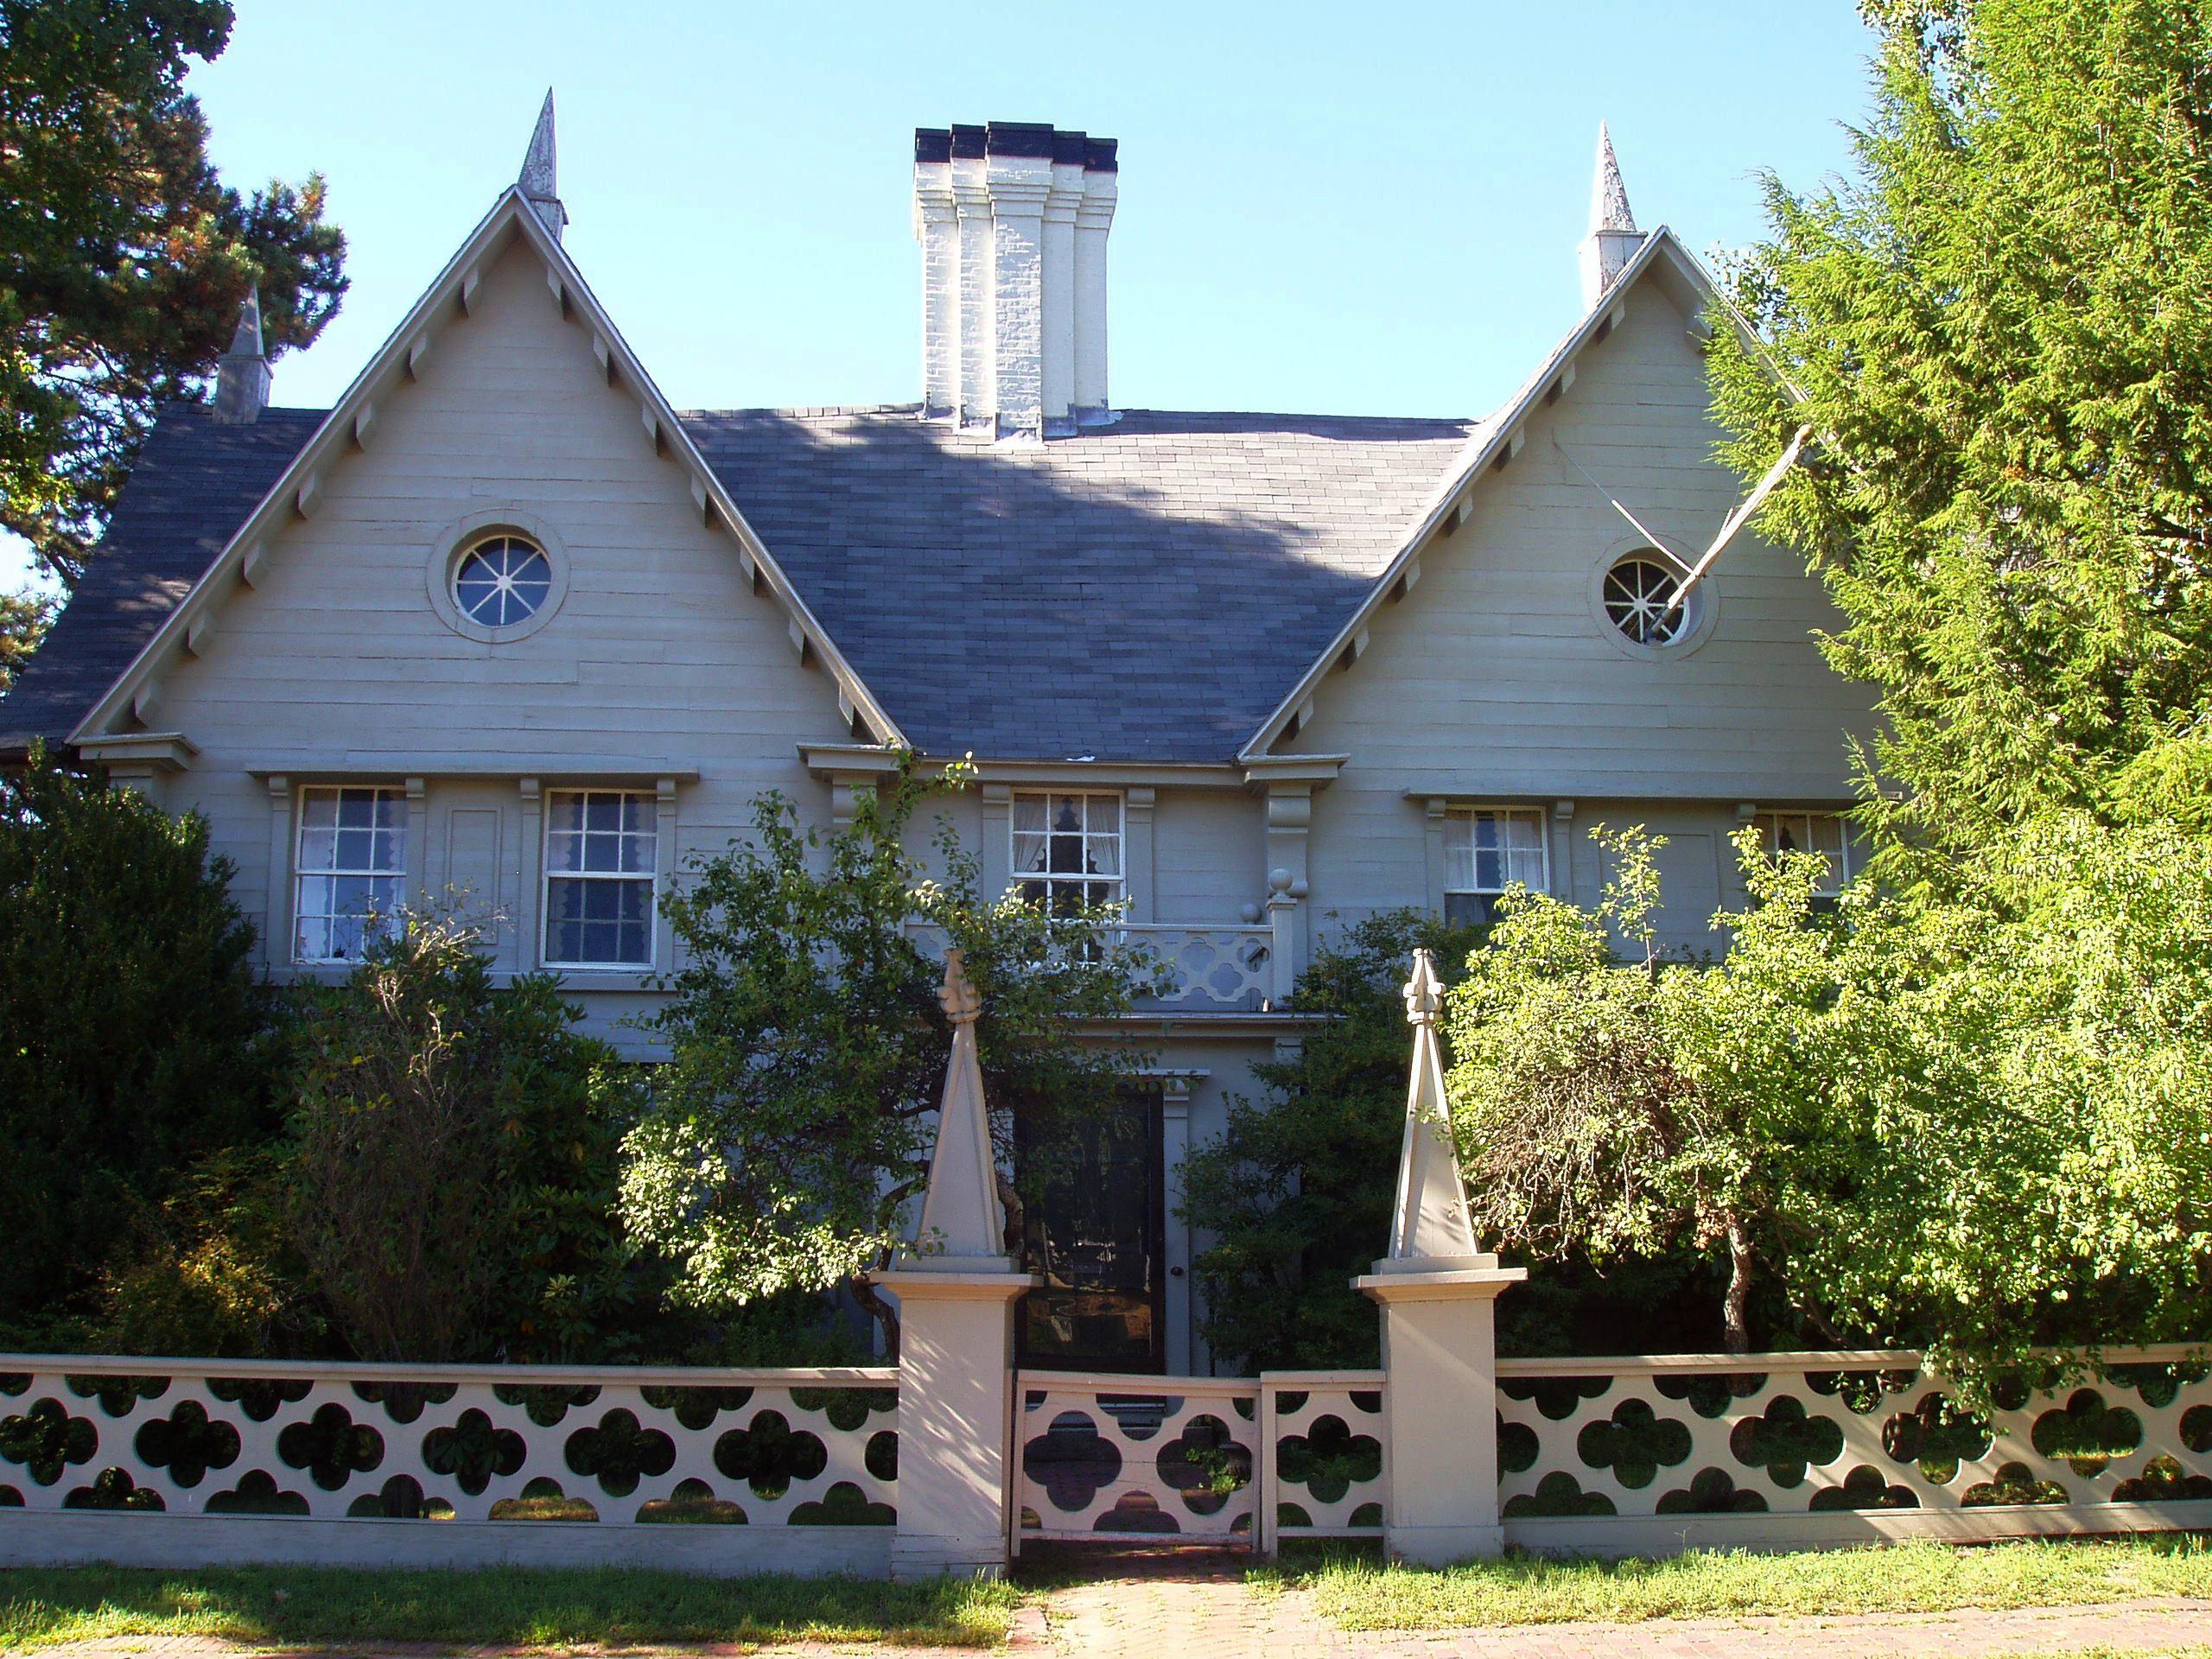 File:Pickering House - Salem, Massachusetts.JPG